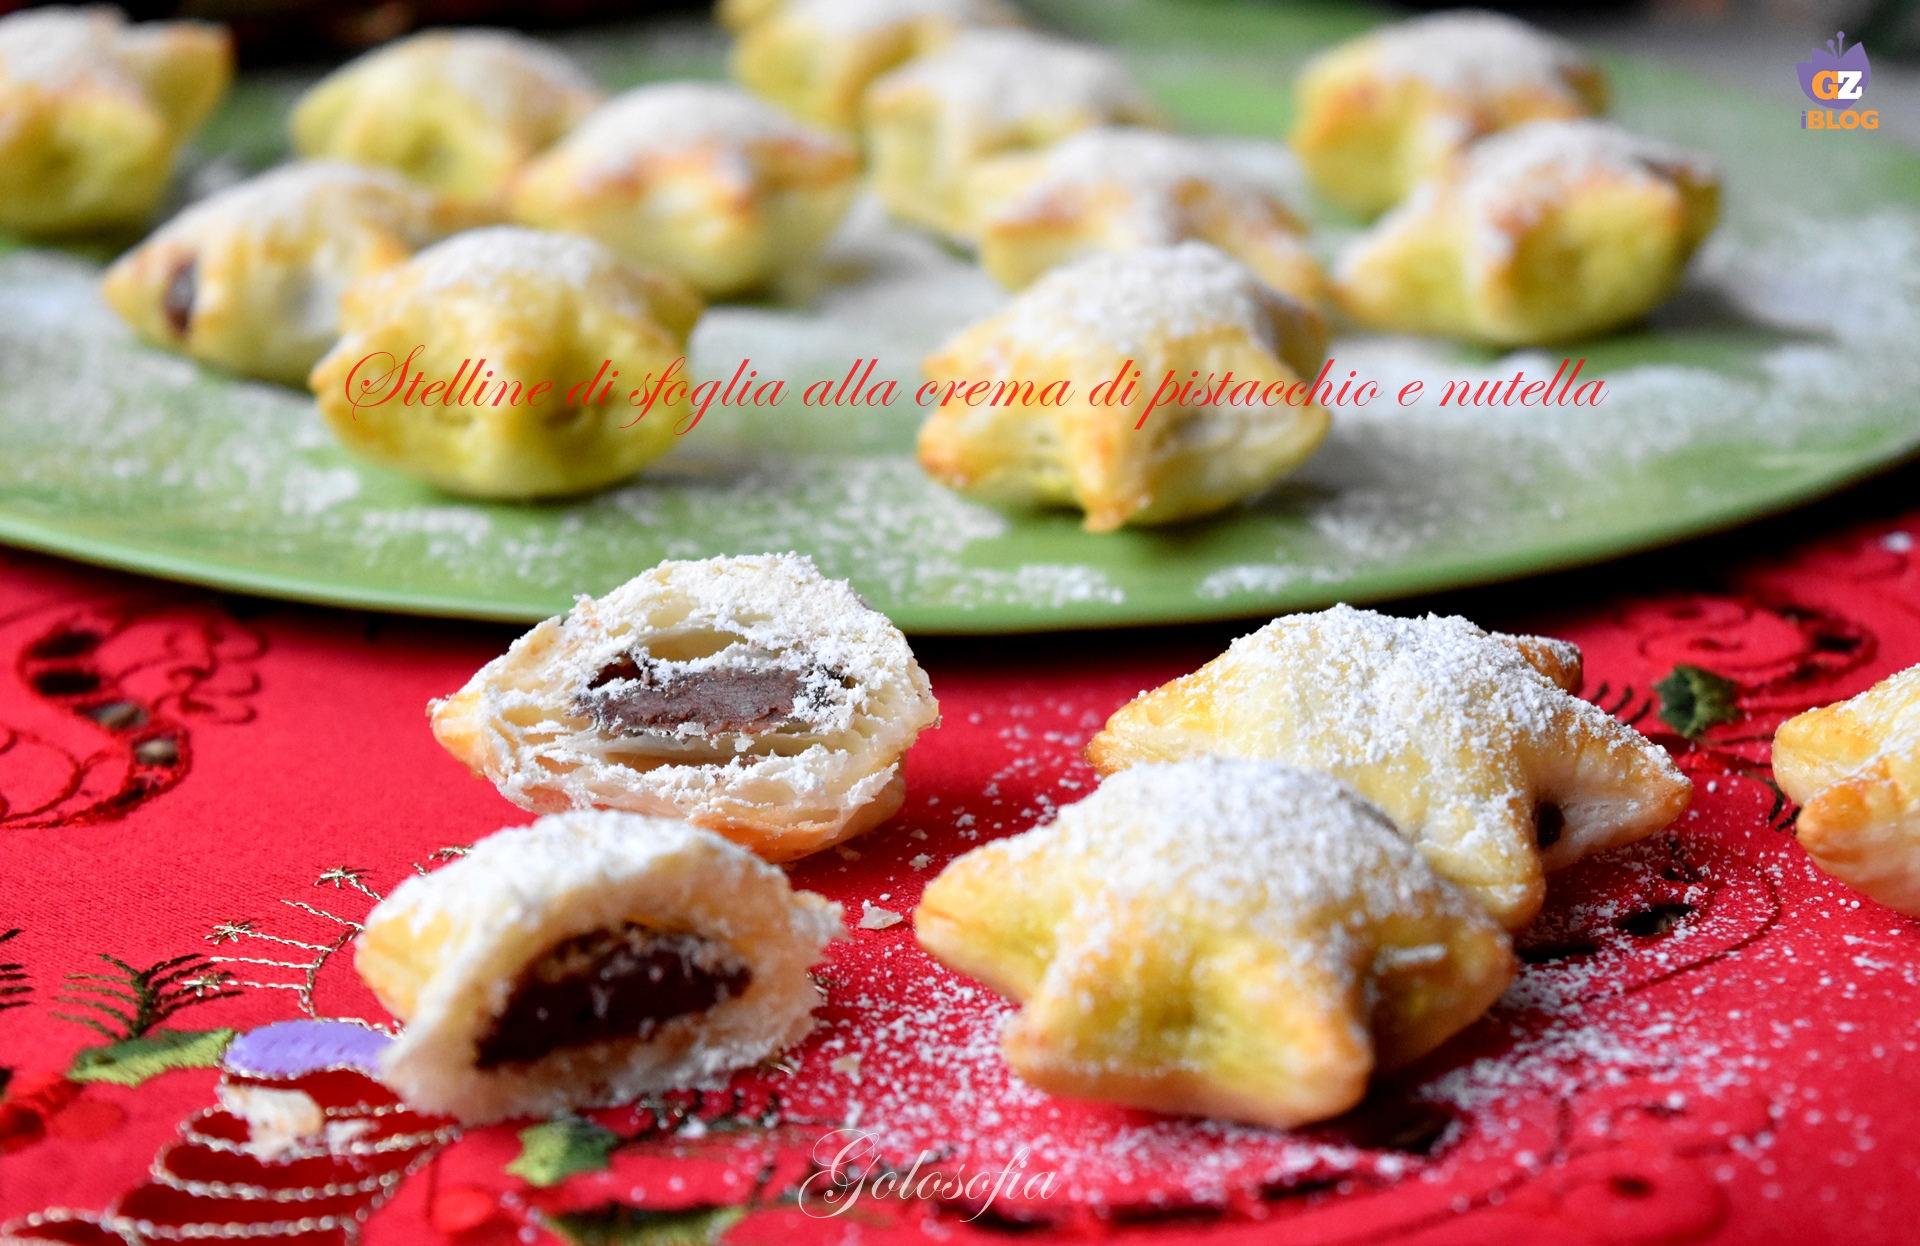 Stelline di Sfoglia alla Crema di Pistacchio e Nutella, Ricetta Golosa di Natale